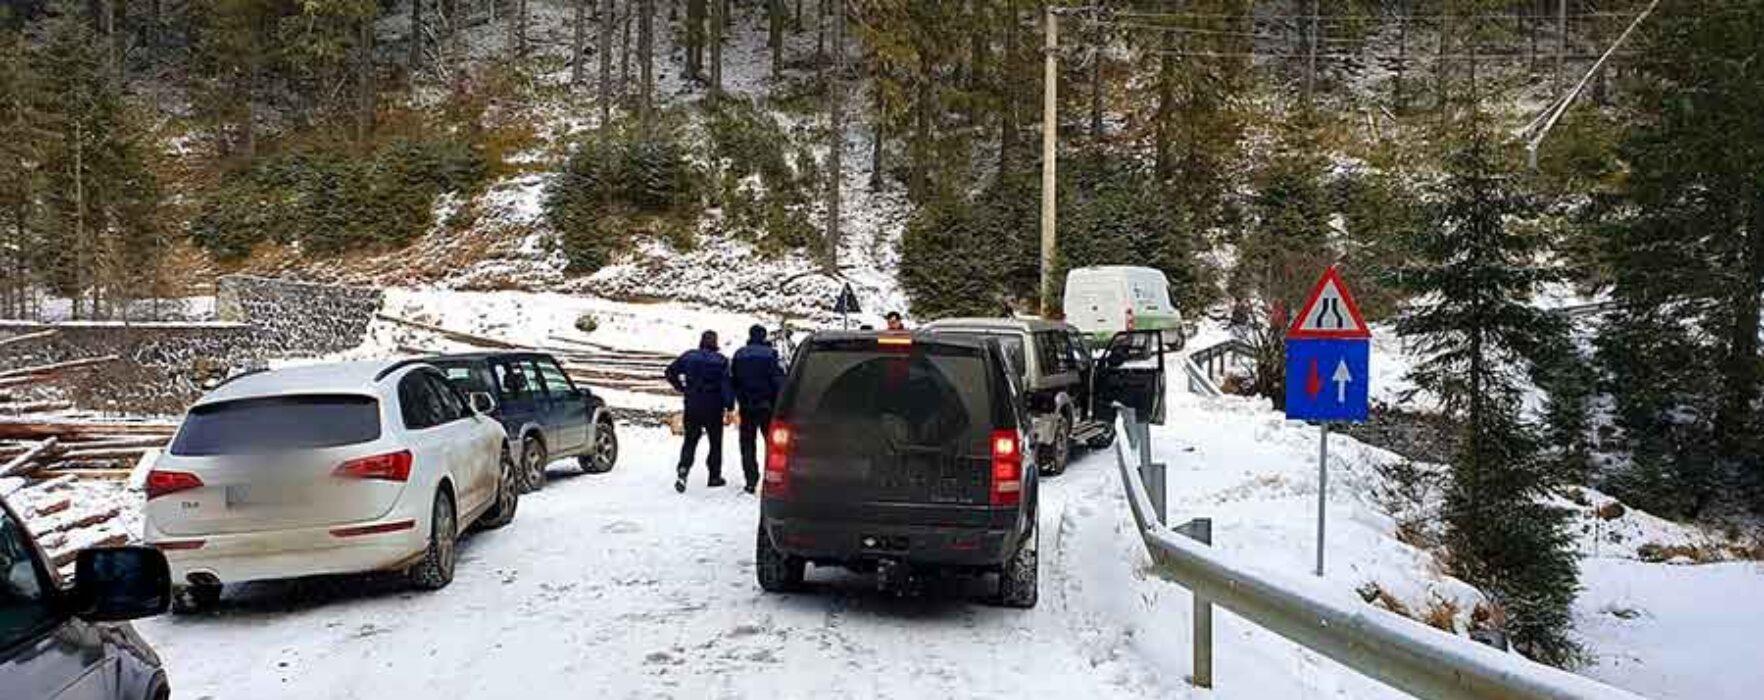 Dâmboviţa: Turişti rămaşi blocaţi cu maşinile în zona montană, ajutaţi de jandarmi, poliţişti şi salvamontişti